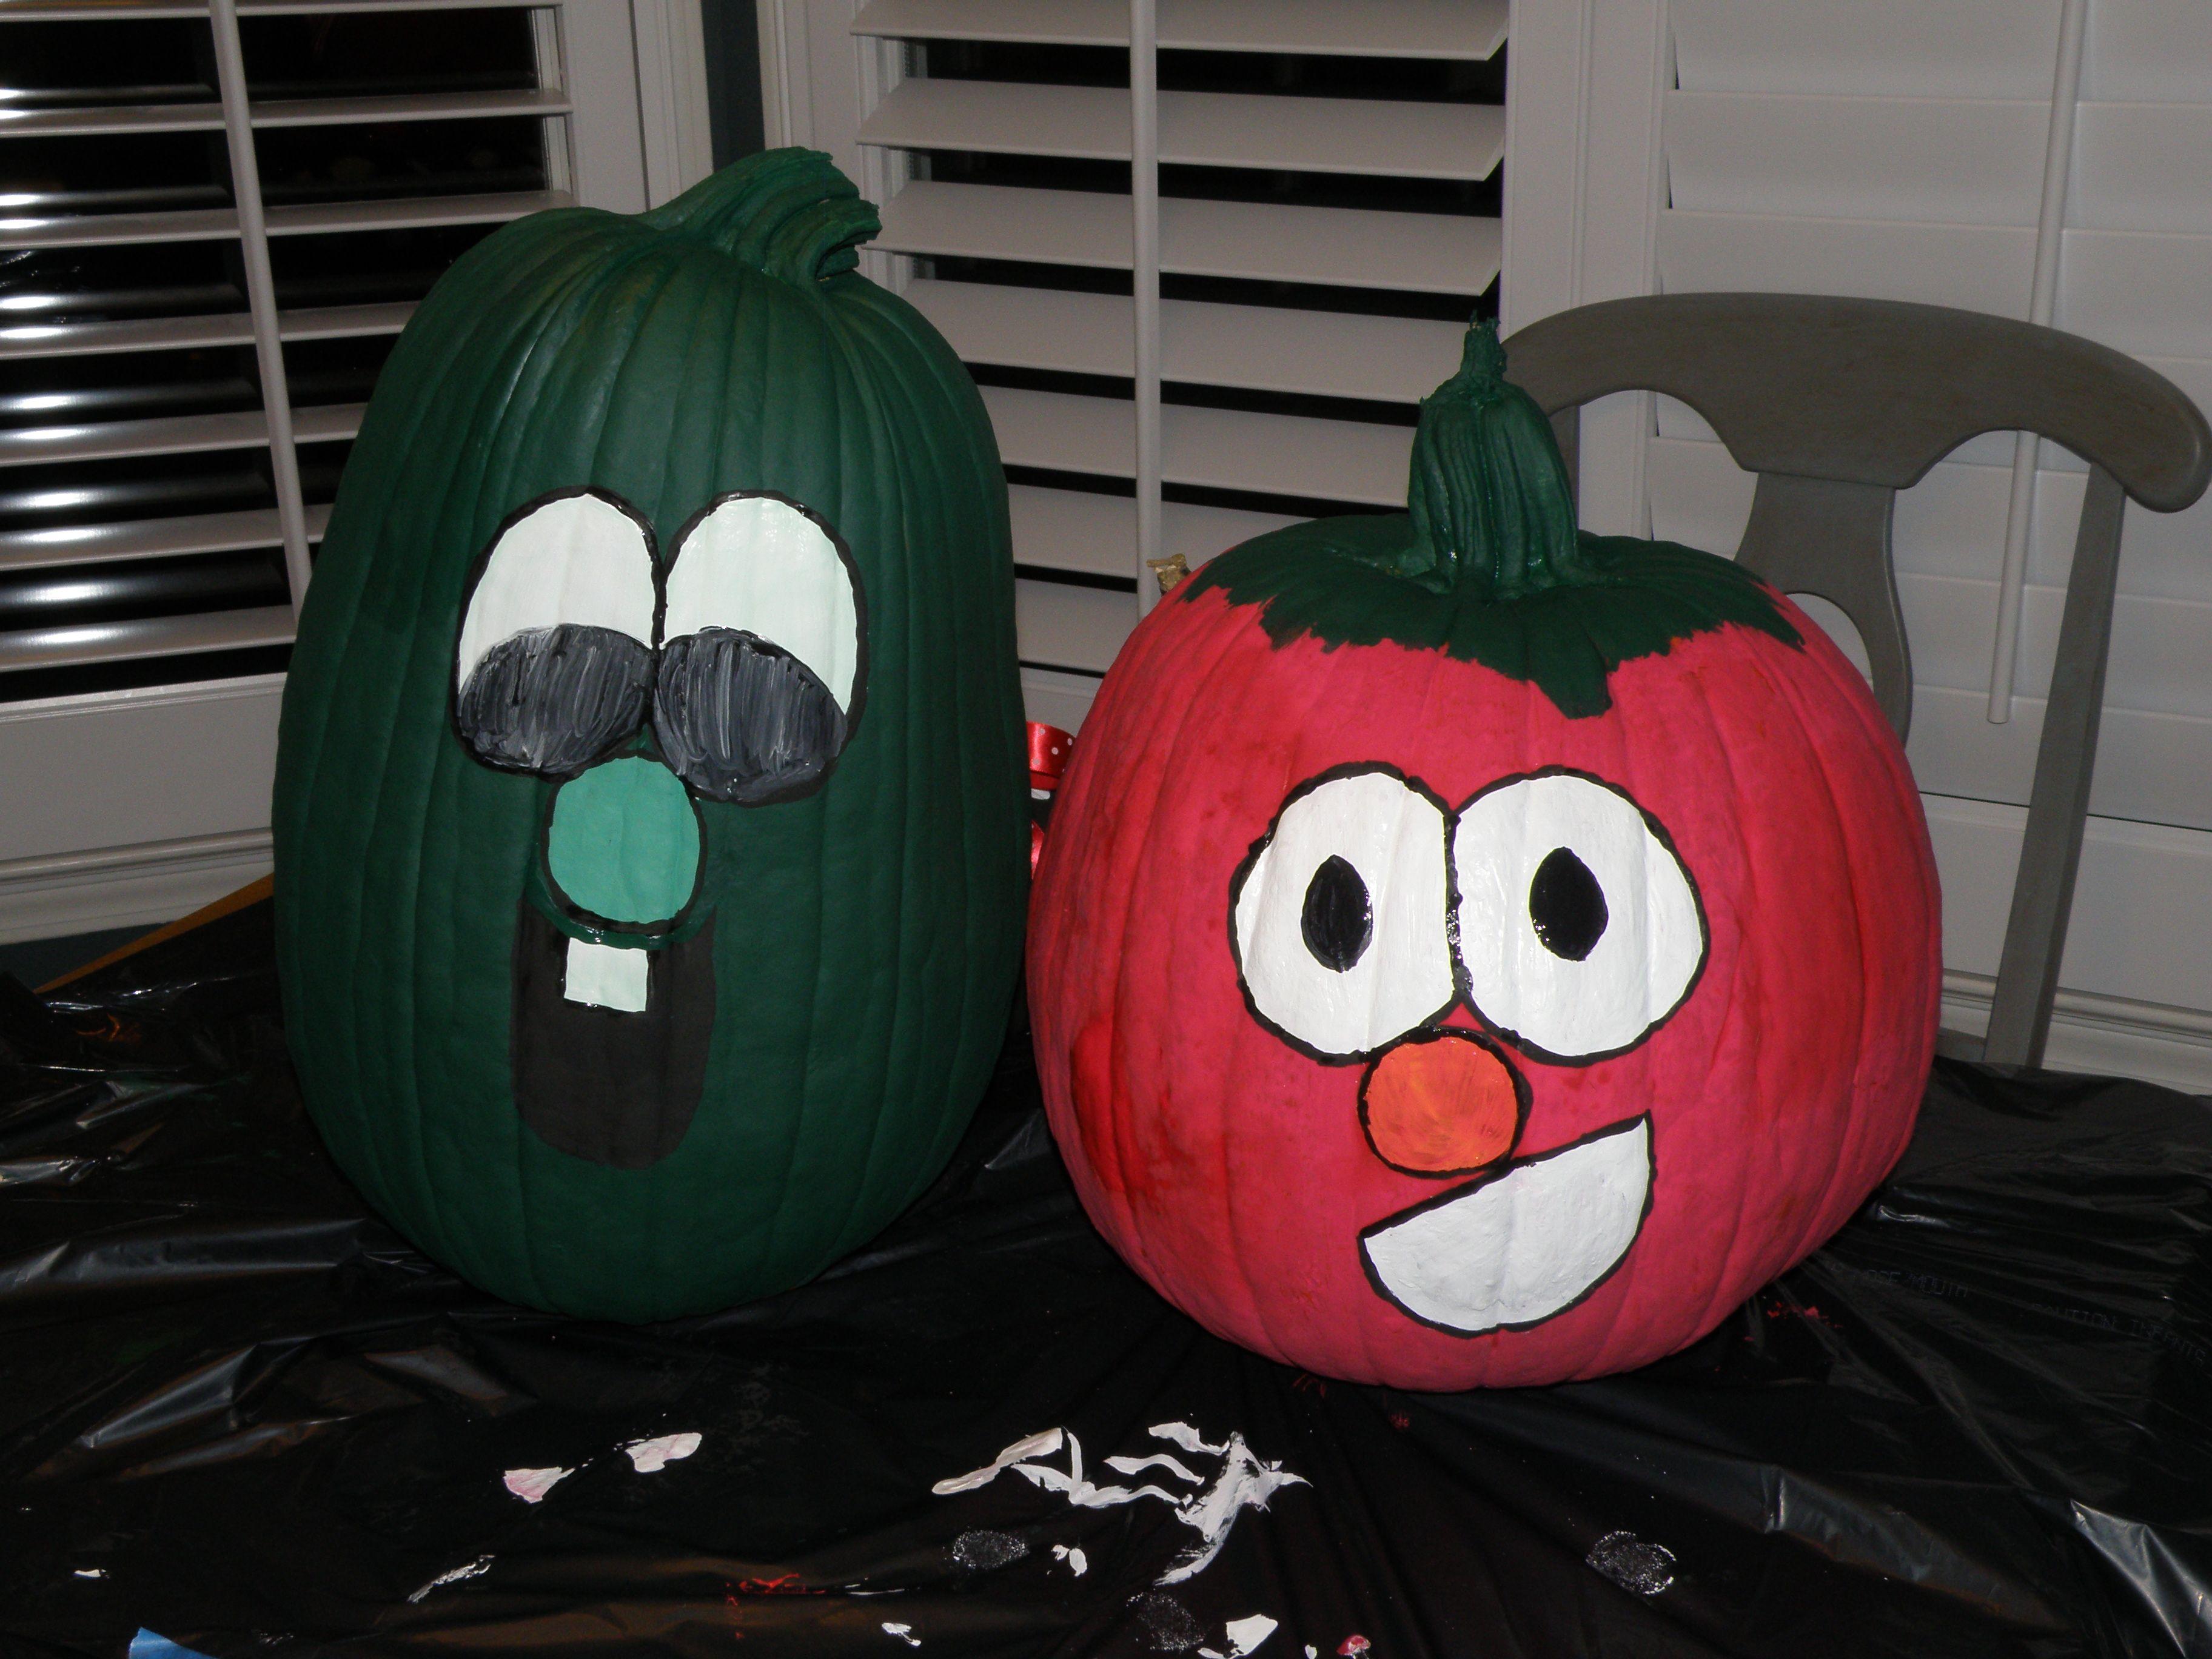 Larry bob veggietales pumpkins holidays